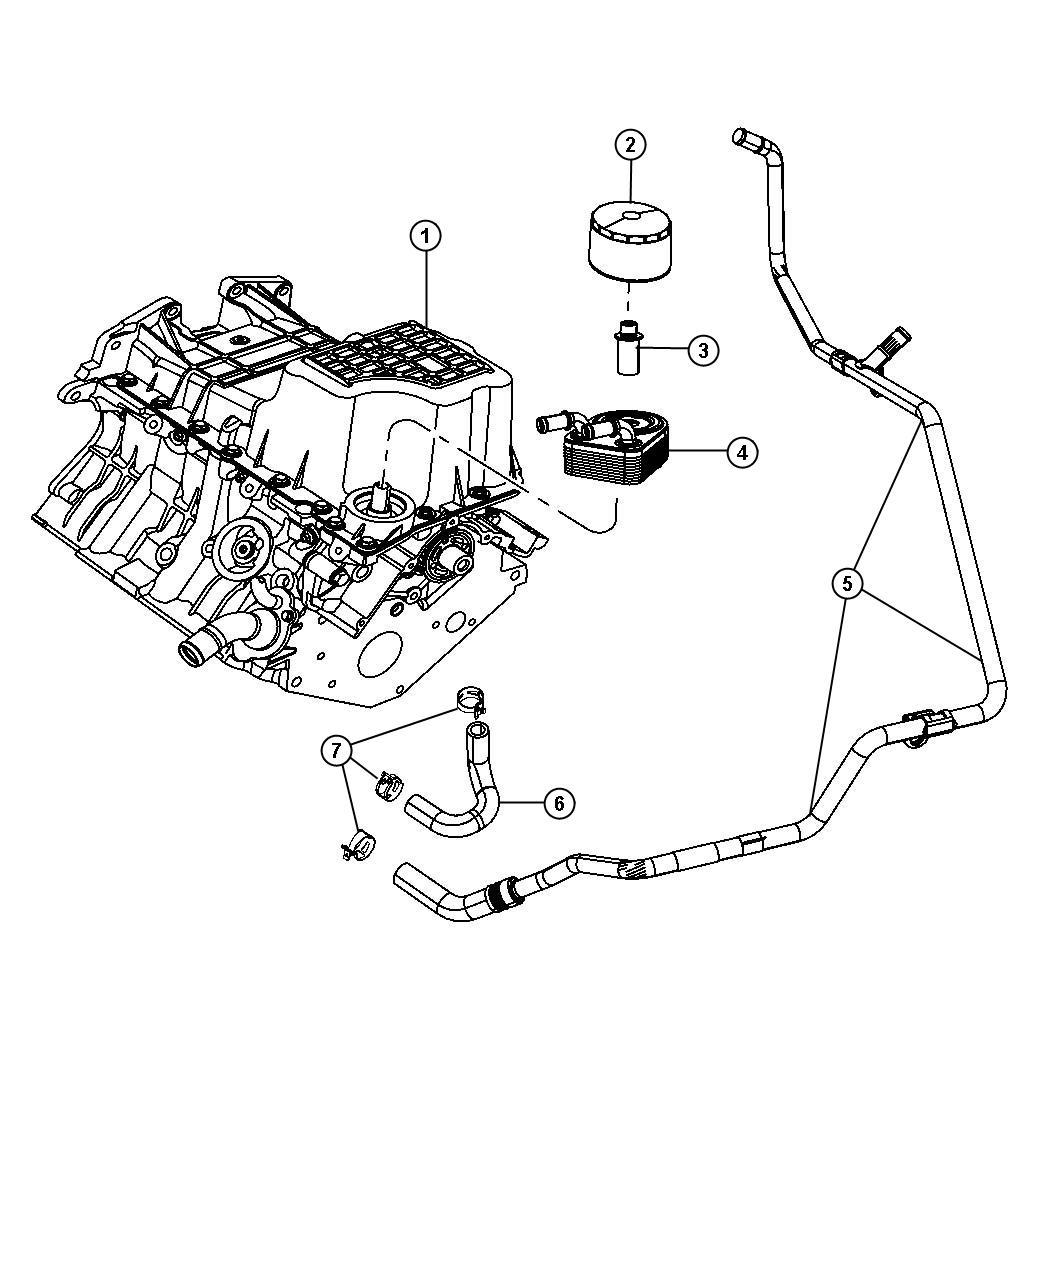 Engine Oil Cooler Oil Filter And Coolant Tubes 3 5l Egg